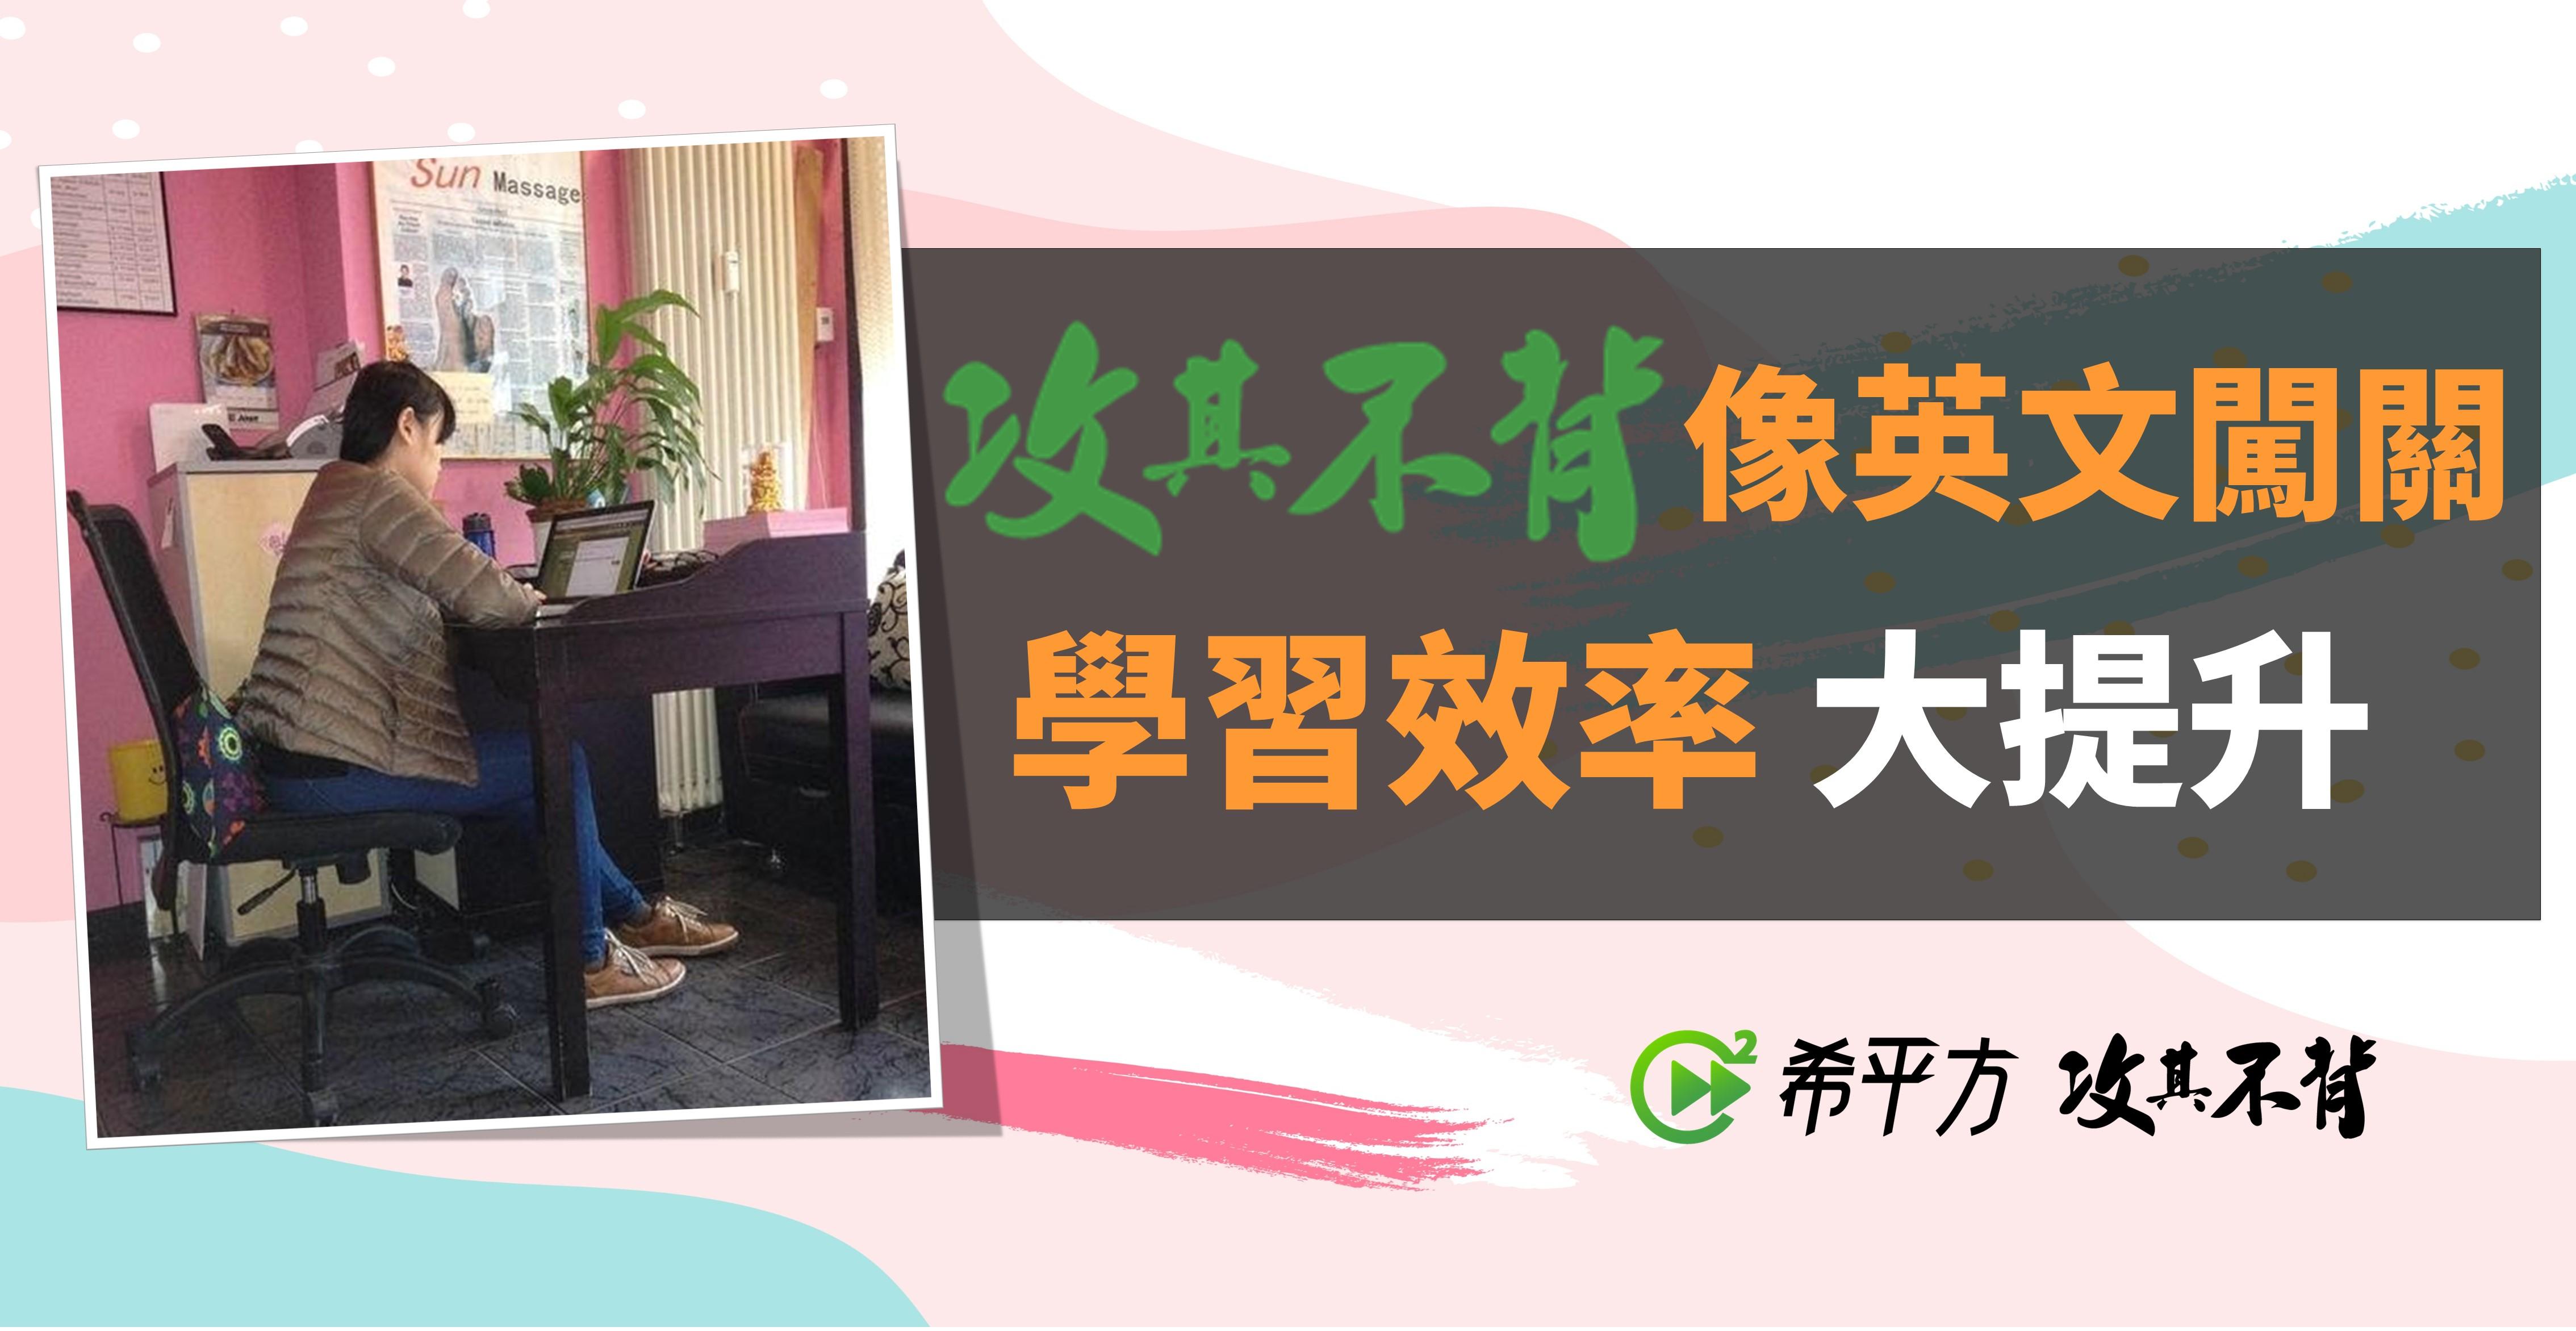 陳小姐,學英文像闖關,學習效率大提升!